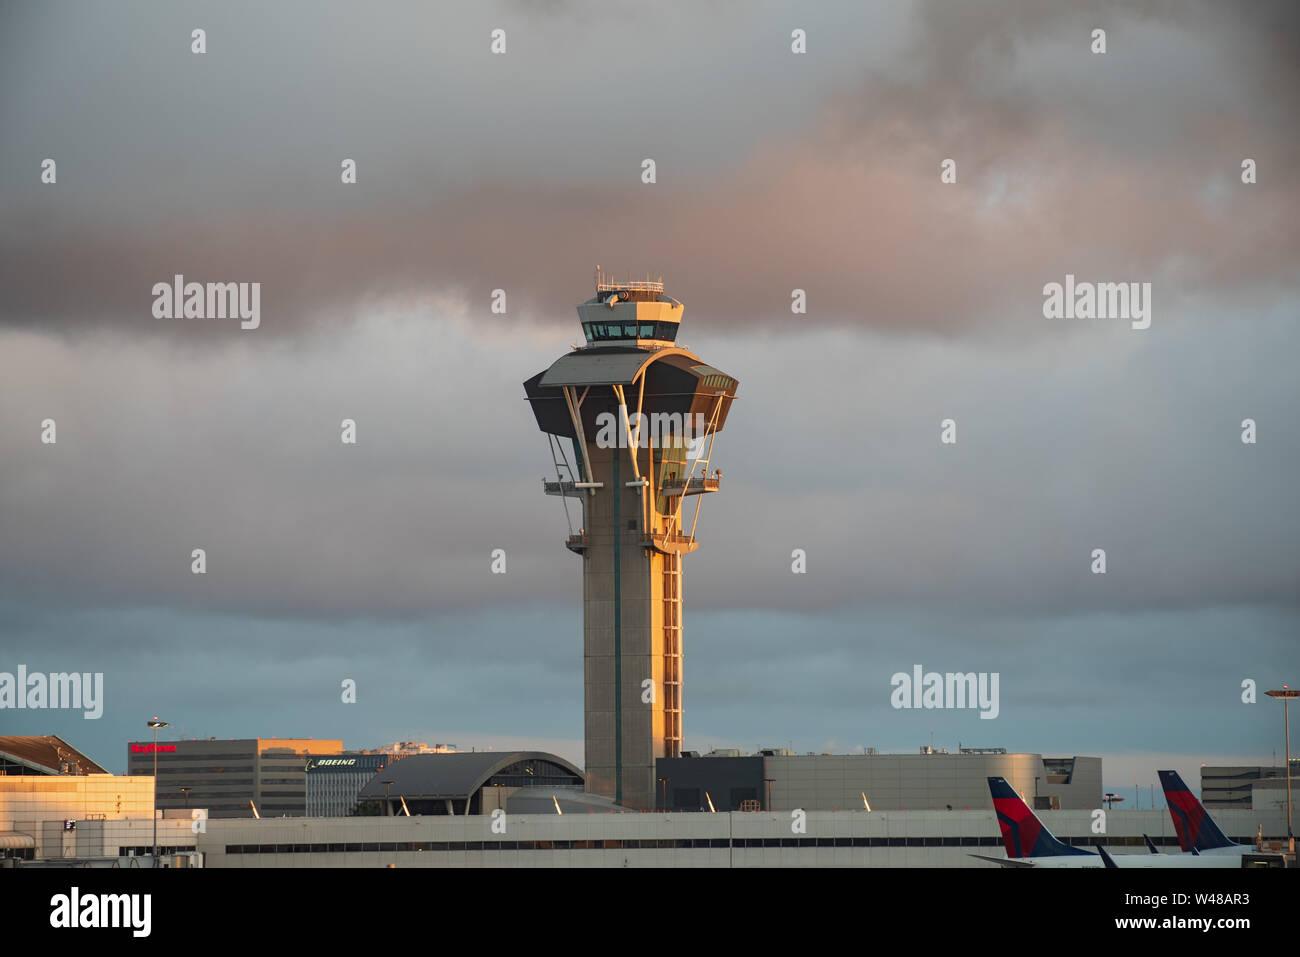 Imagen que muestra el Aeropuerto Internacional de Los Angeles, LAX, la torre de control. Foto de stock